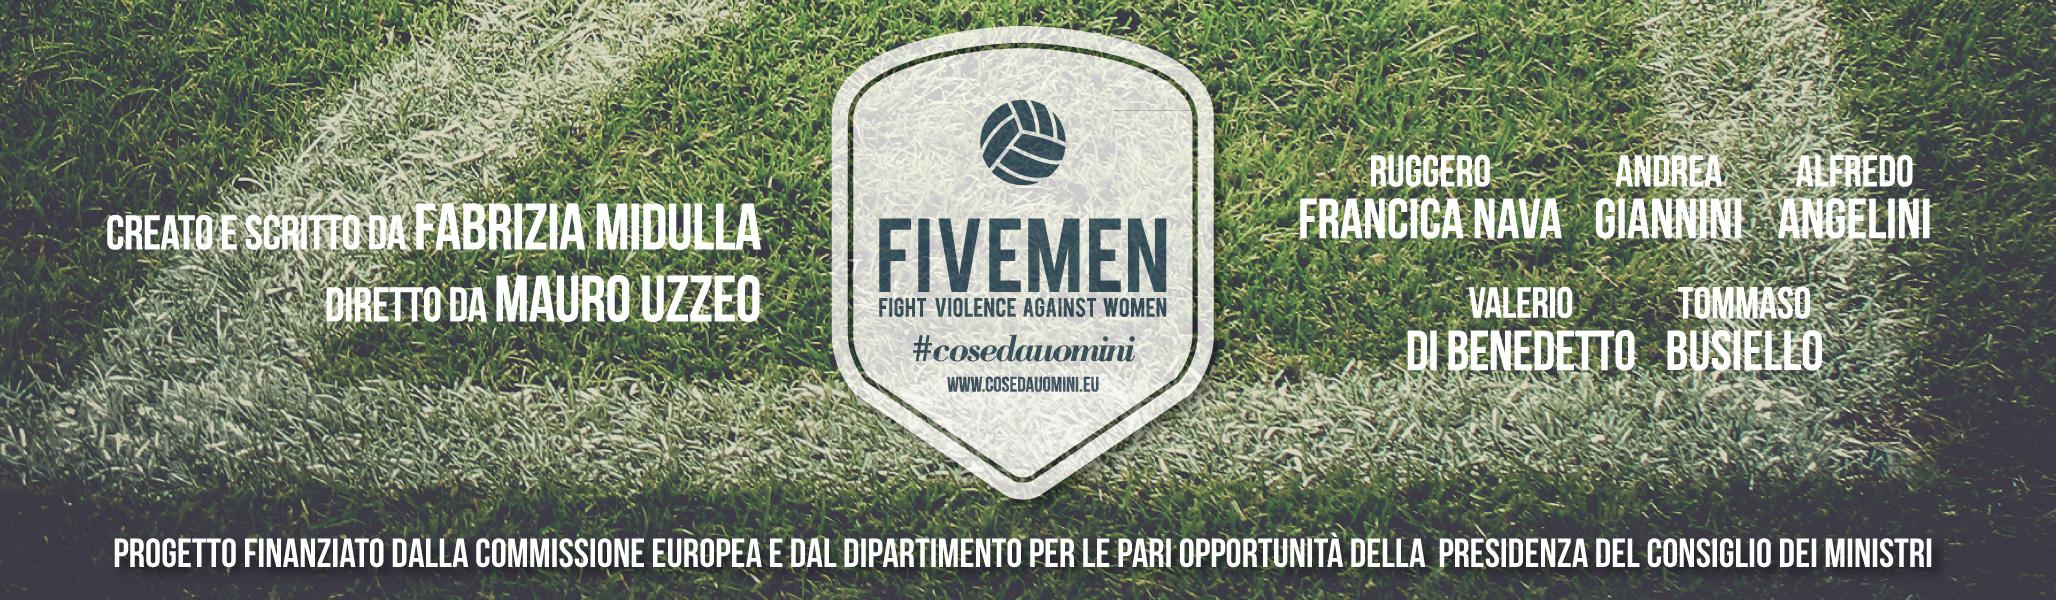 five man